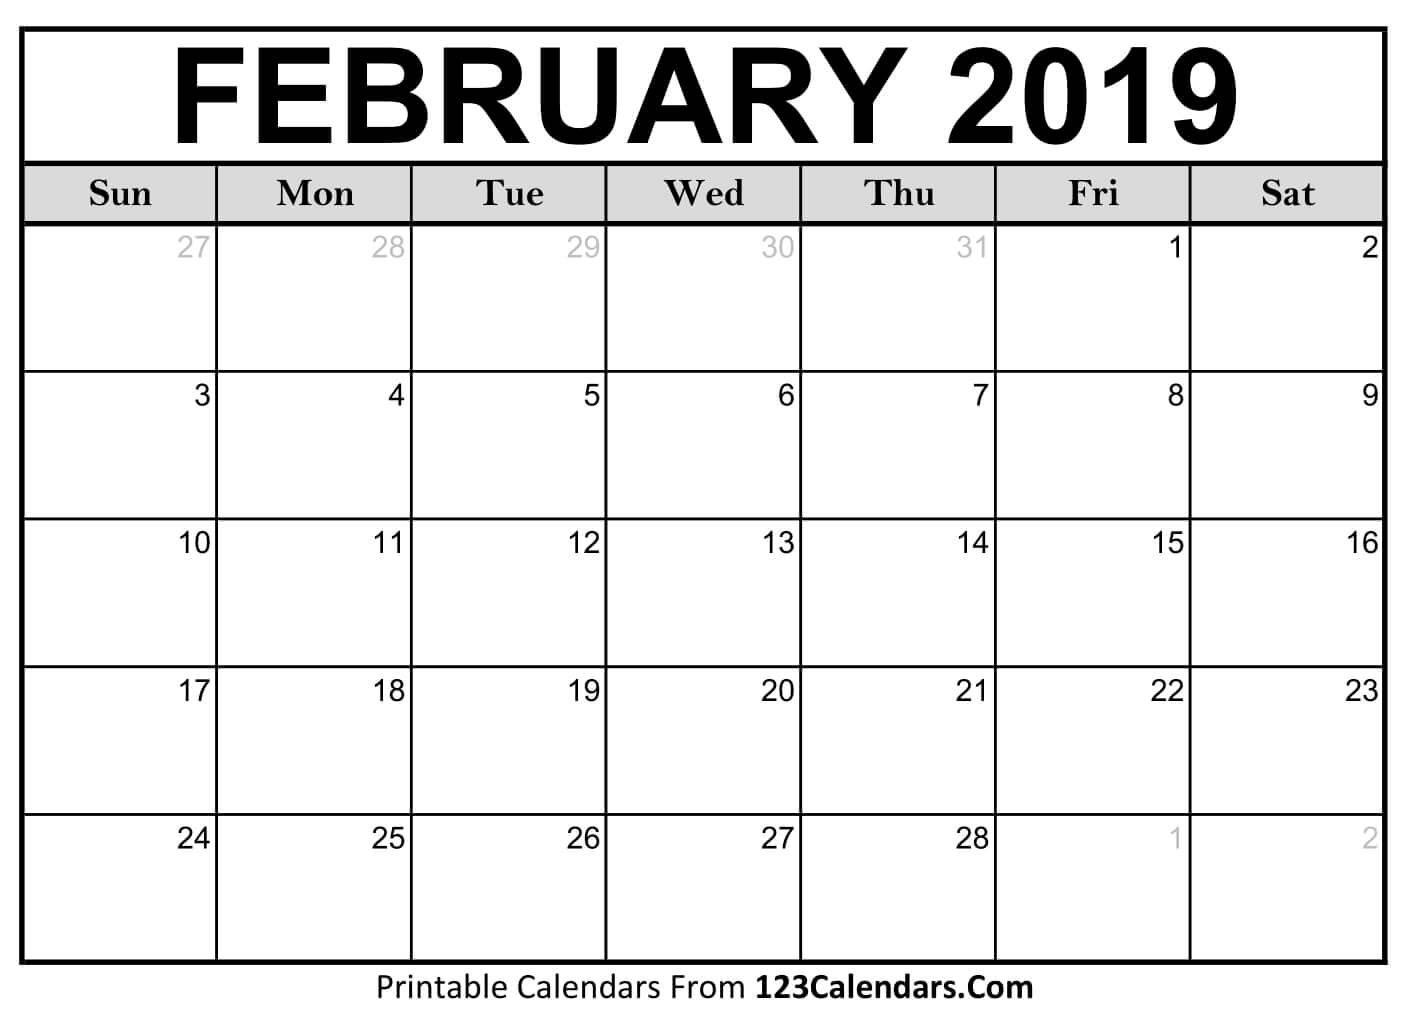 Printable February 2019 Calendar Templates - 123Calendars Calendar 2019 February